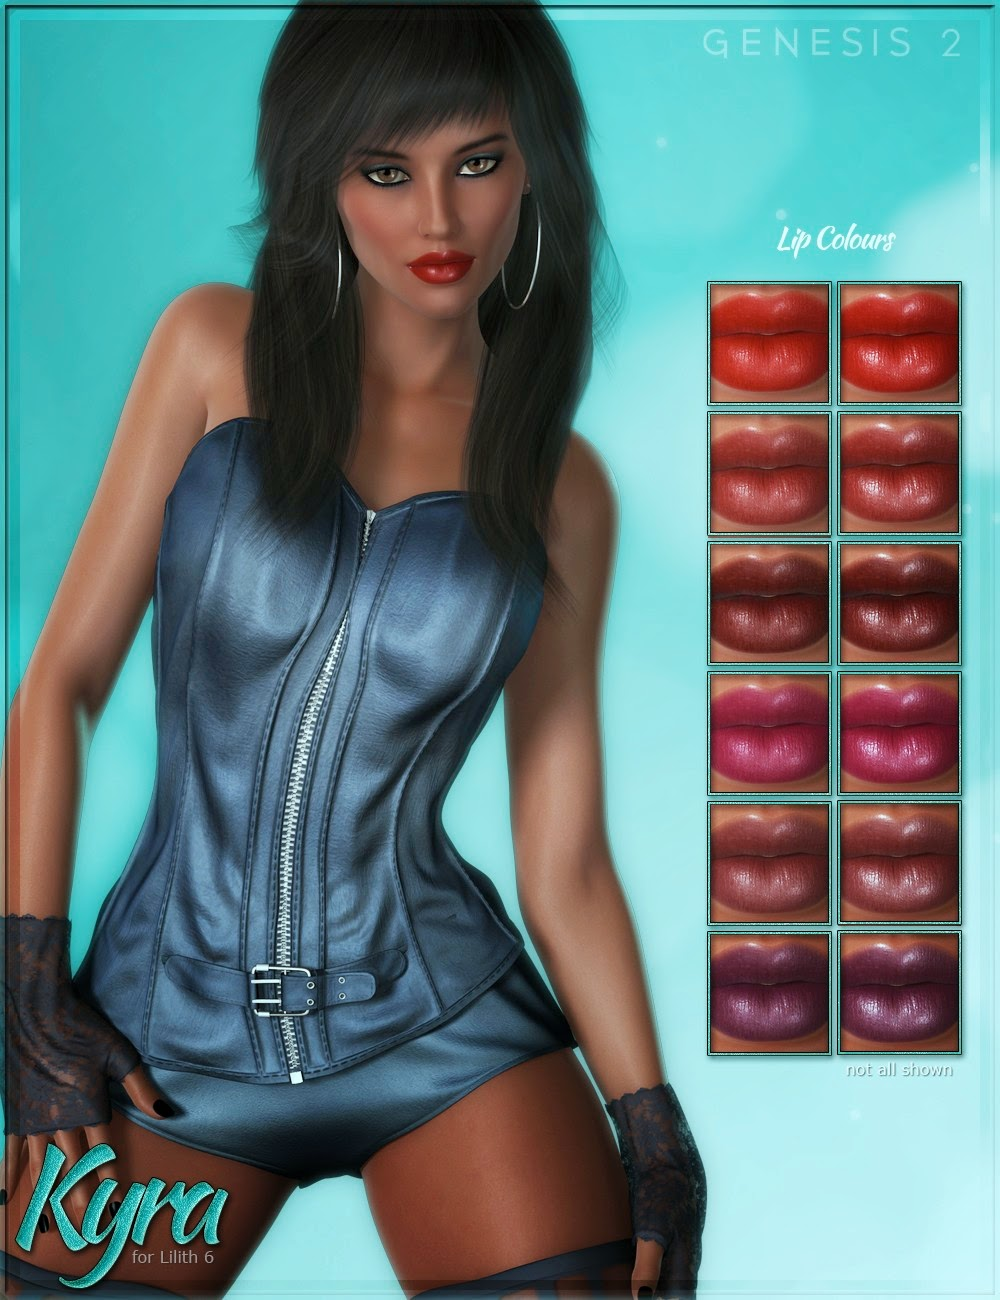 FW Kyra pour Lilith 6